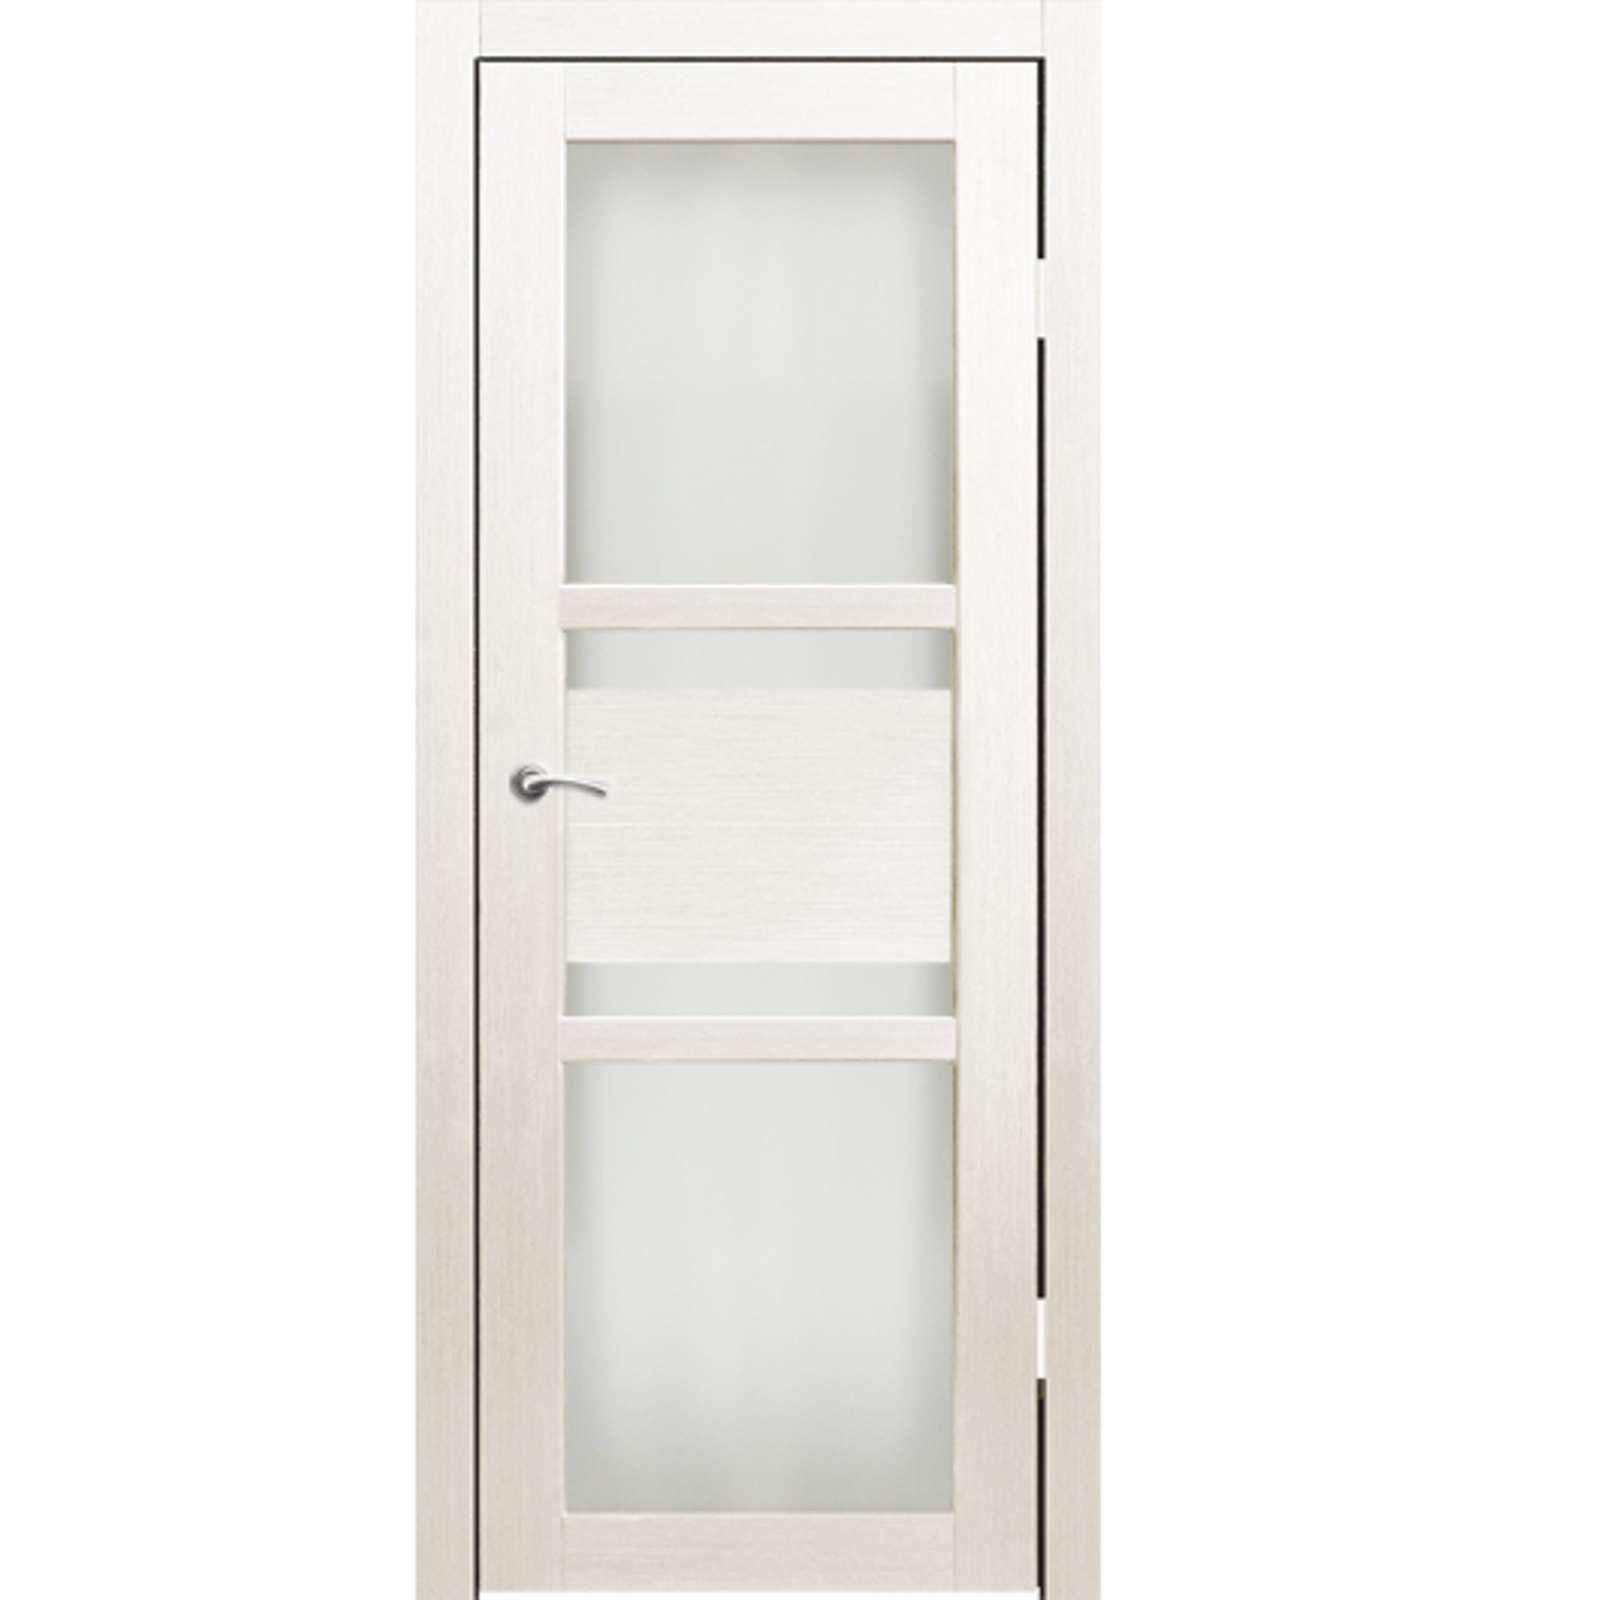 Полотно дверное остекленное Титул (белое матовое стекло) СИНЕРЖИ дуб молочный ПВХ, ПДО 700х2000мм